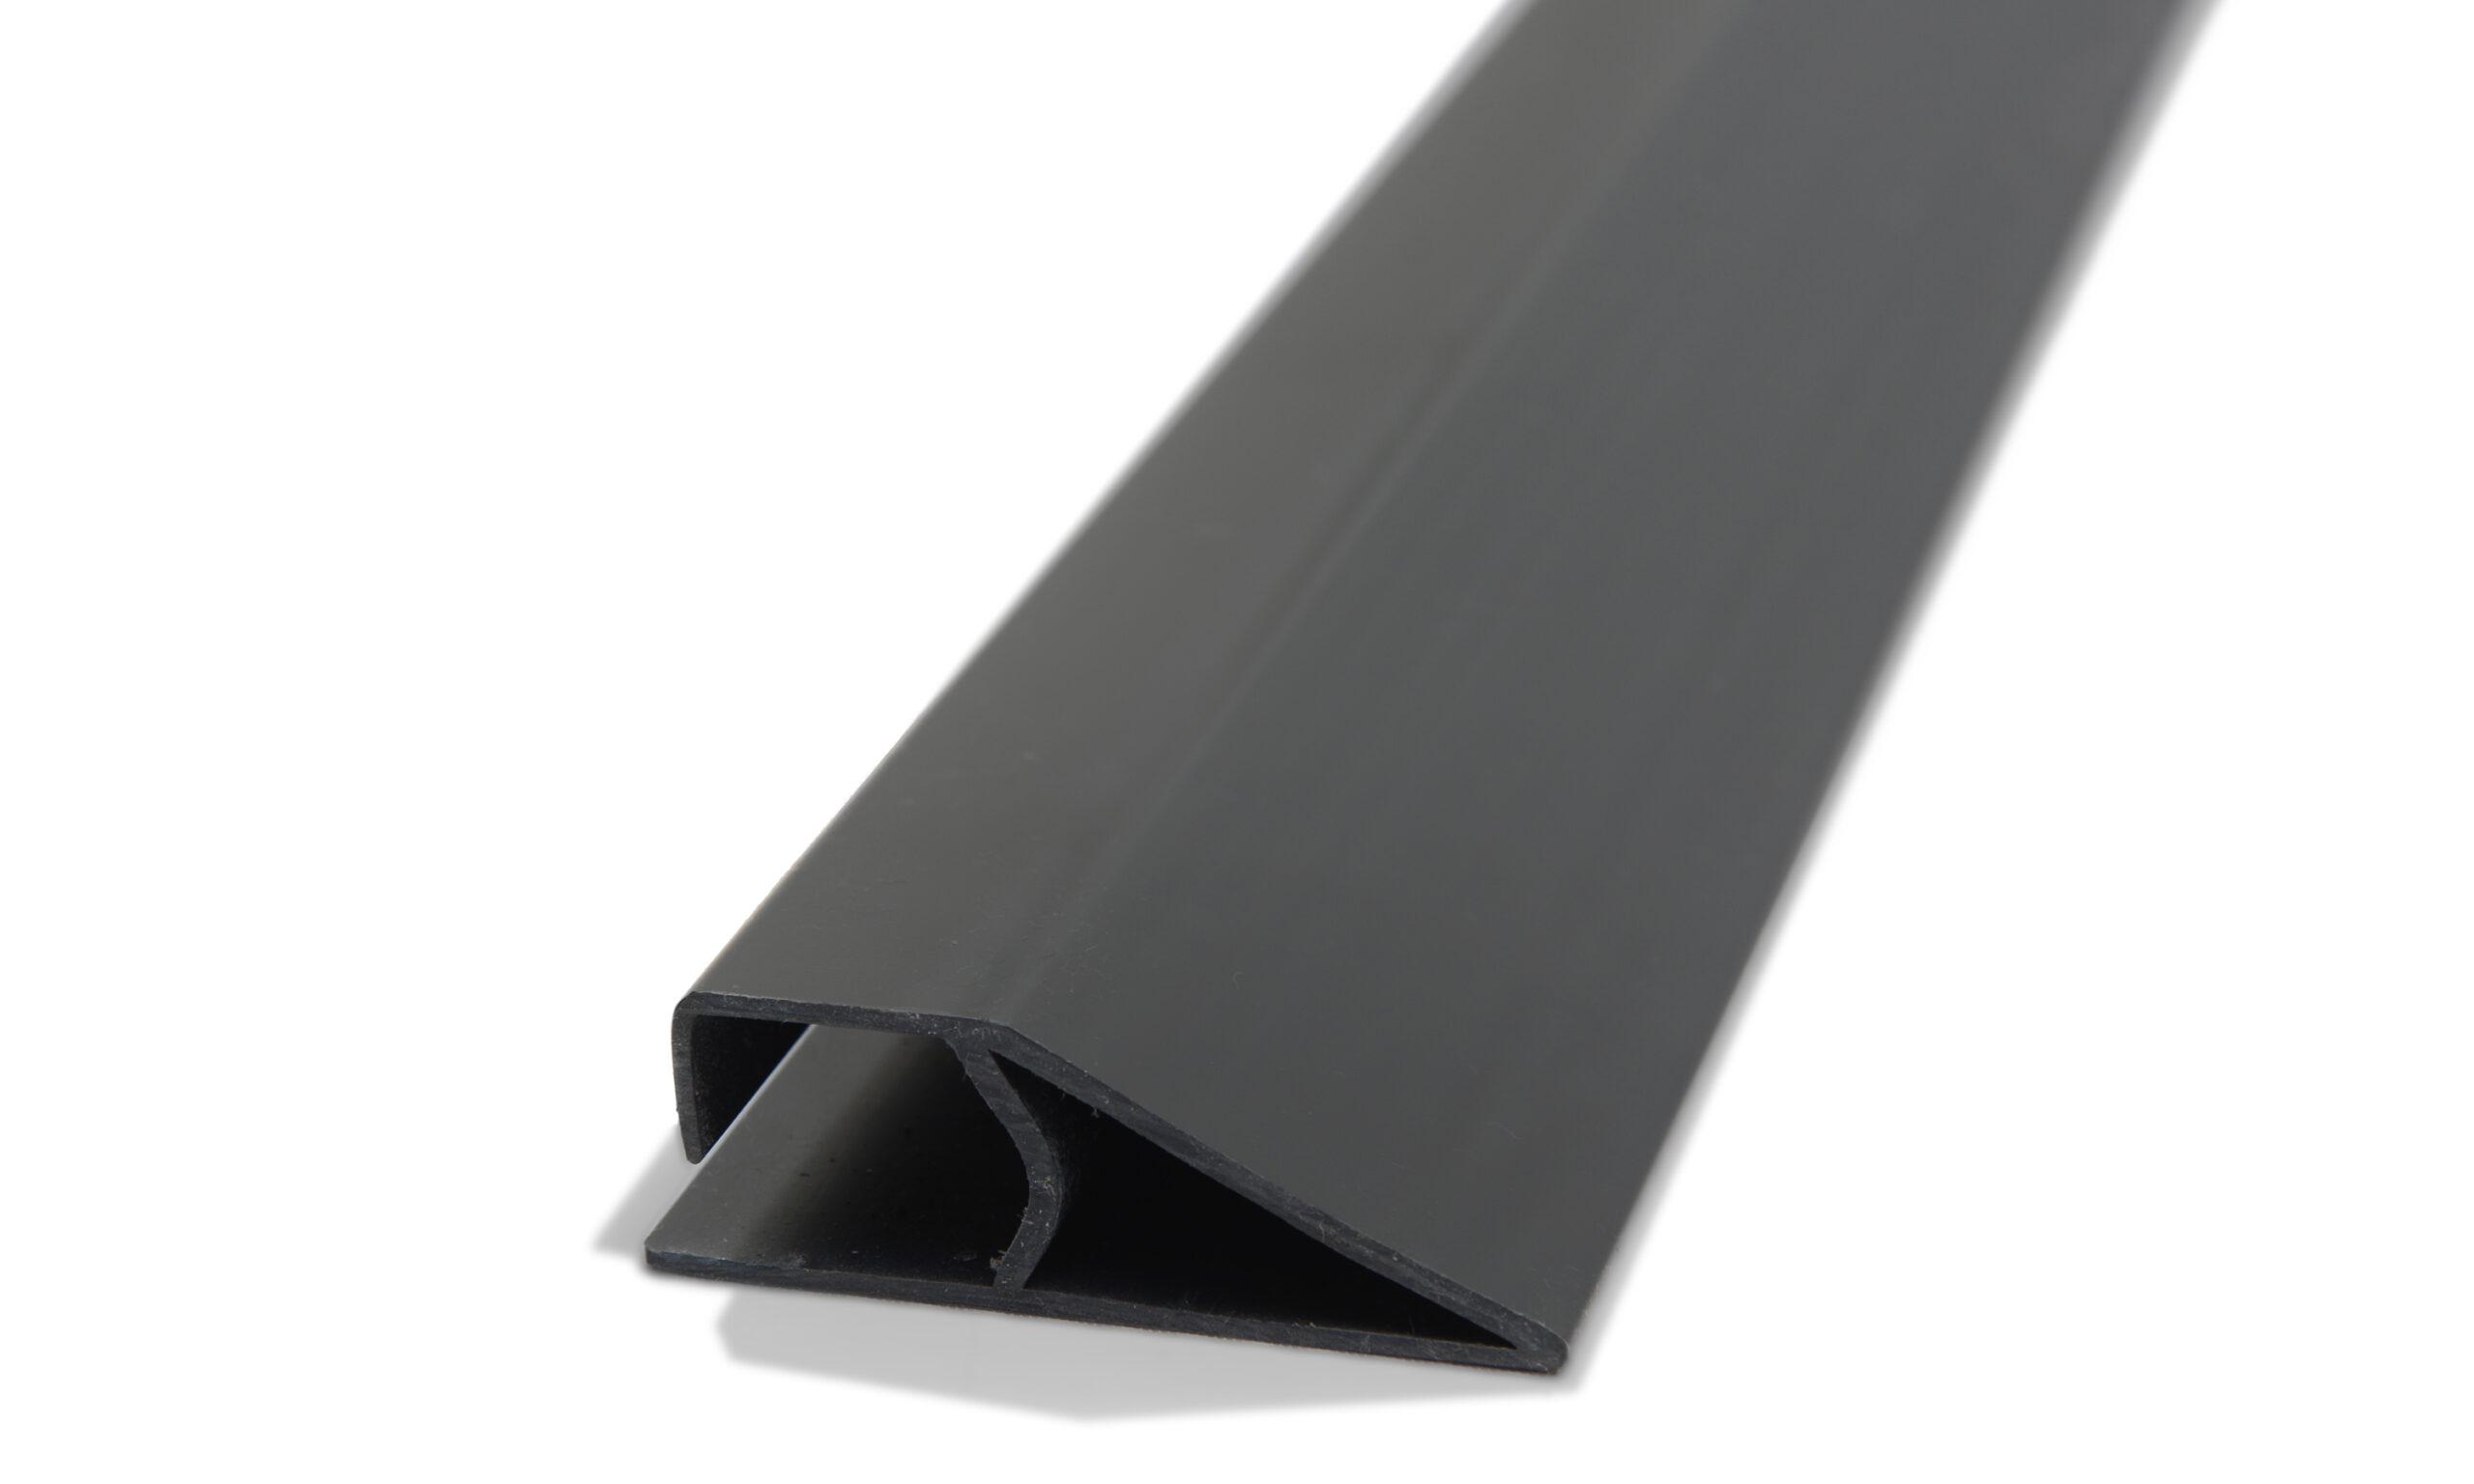 Astro Turf profil svart